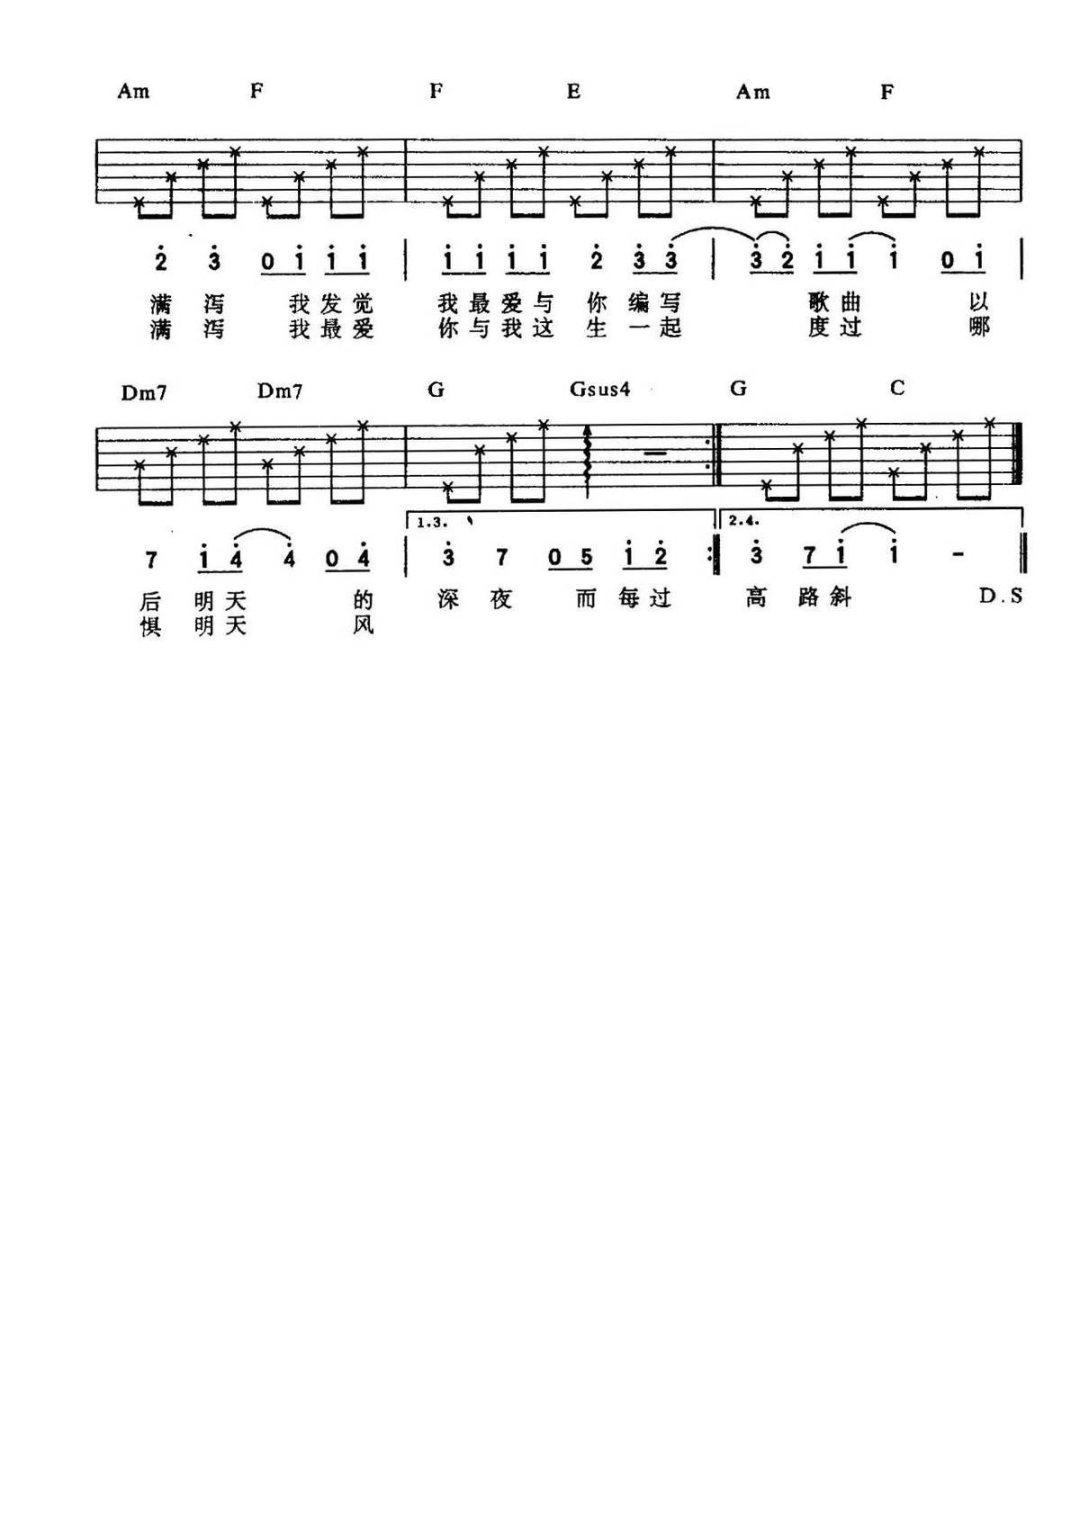 张学友《每天爱你多一些》吉他谱_C调弹唱六线谱图片谱